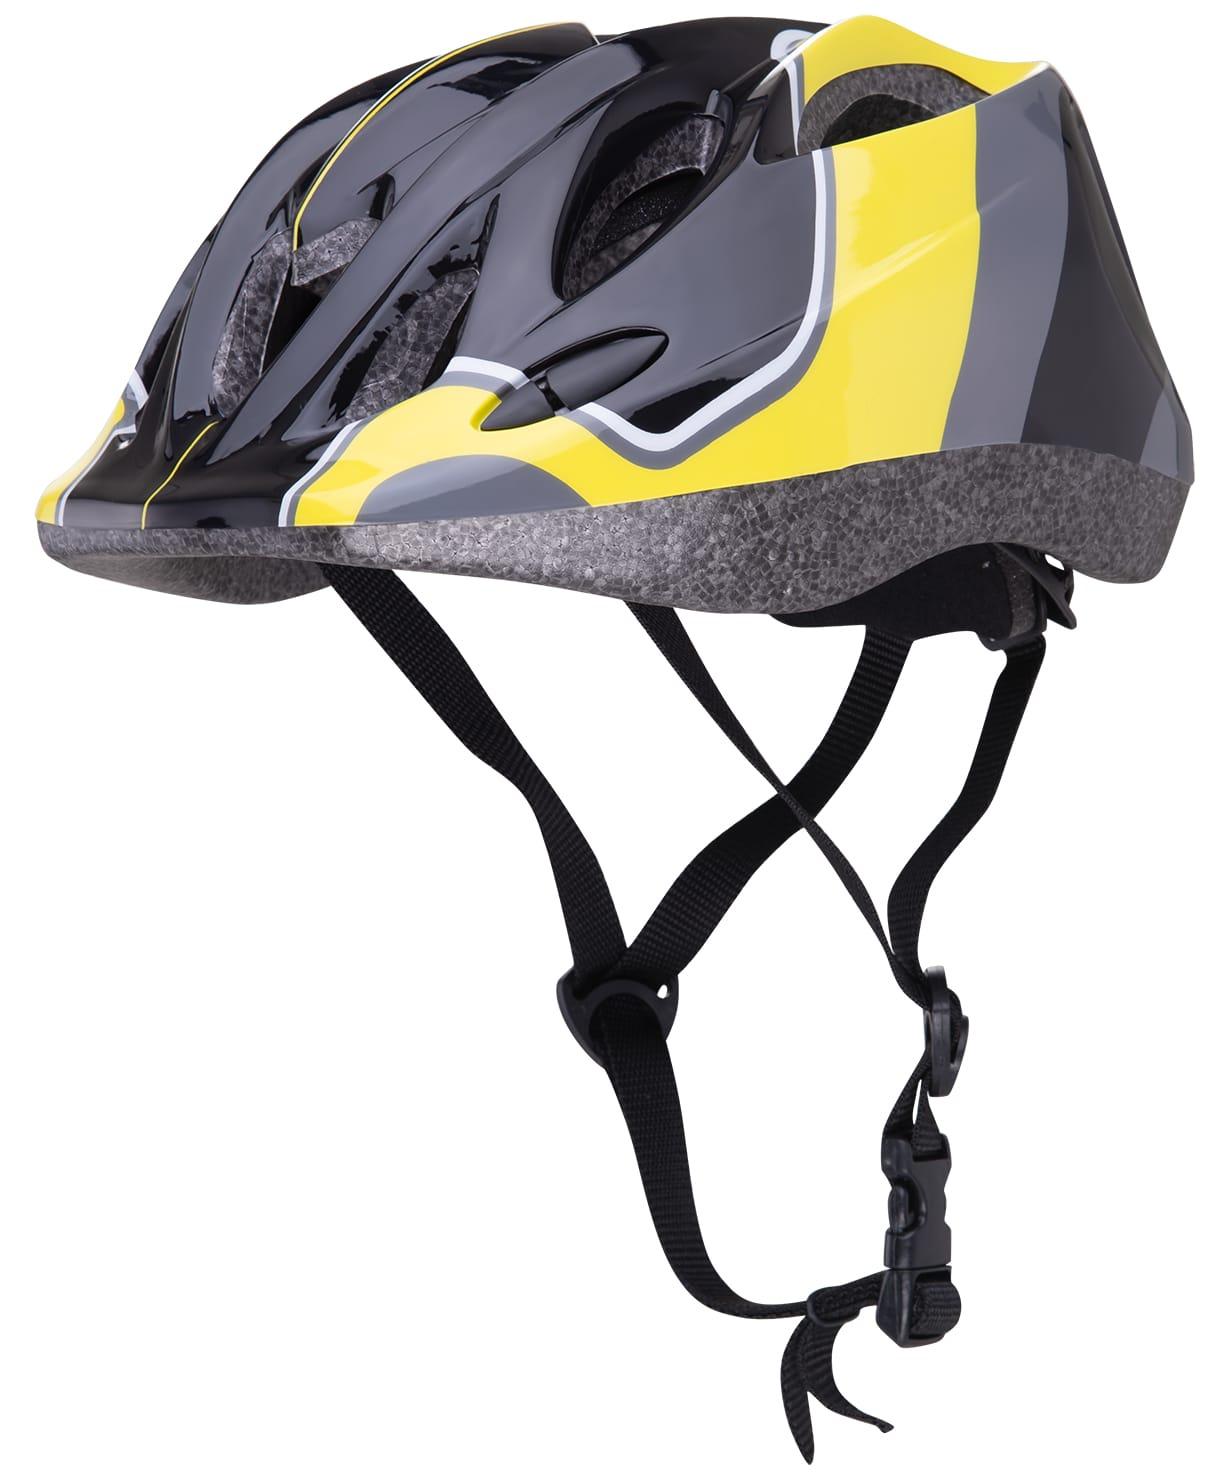 Шлем защитный Ridex Envy, желтый шлем ridex ут 00008189 cyclone синий чёрный